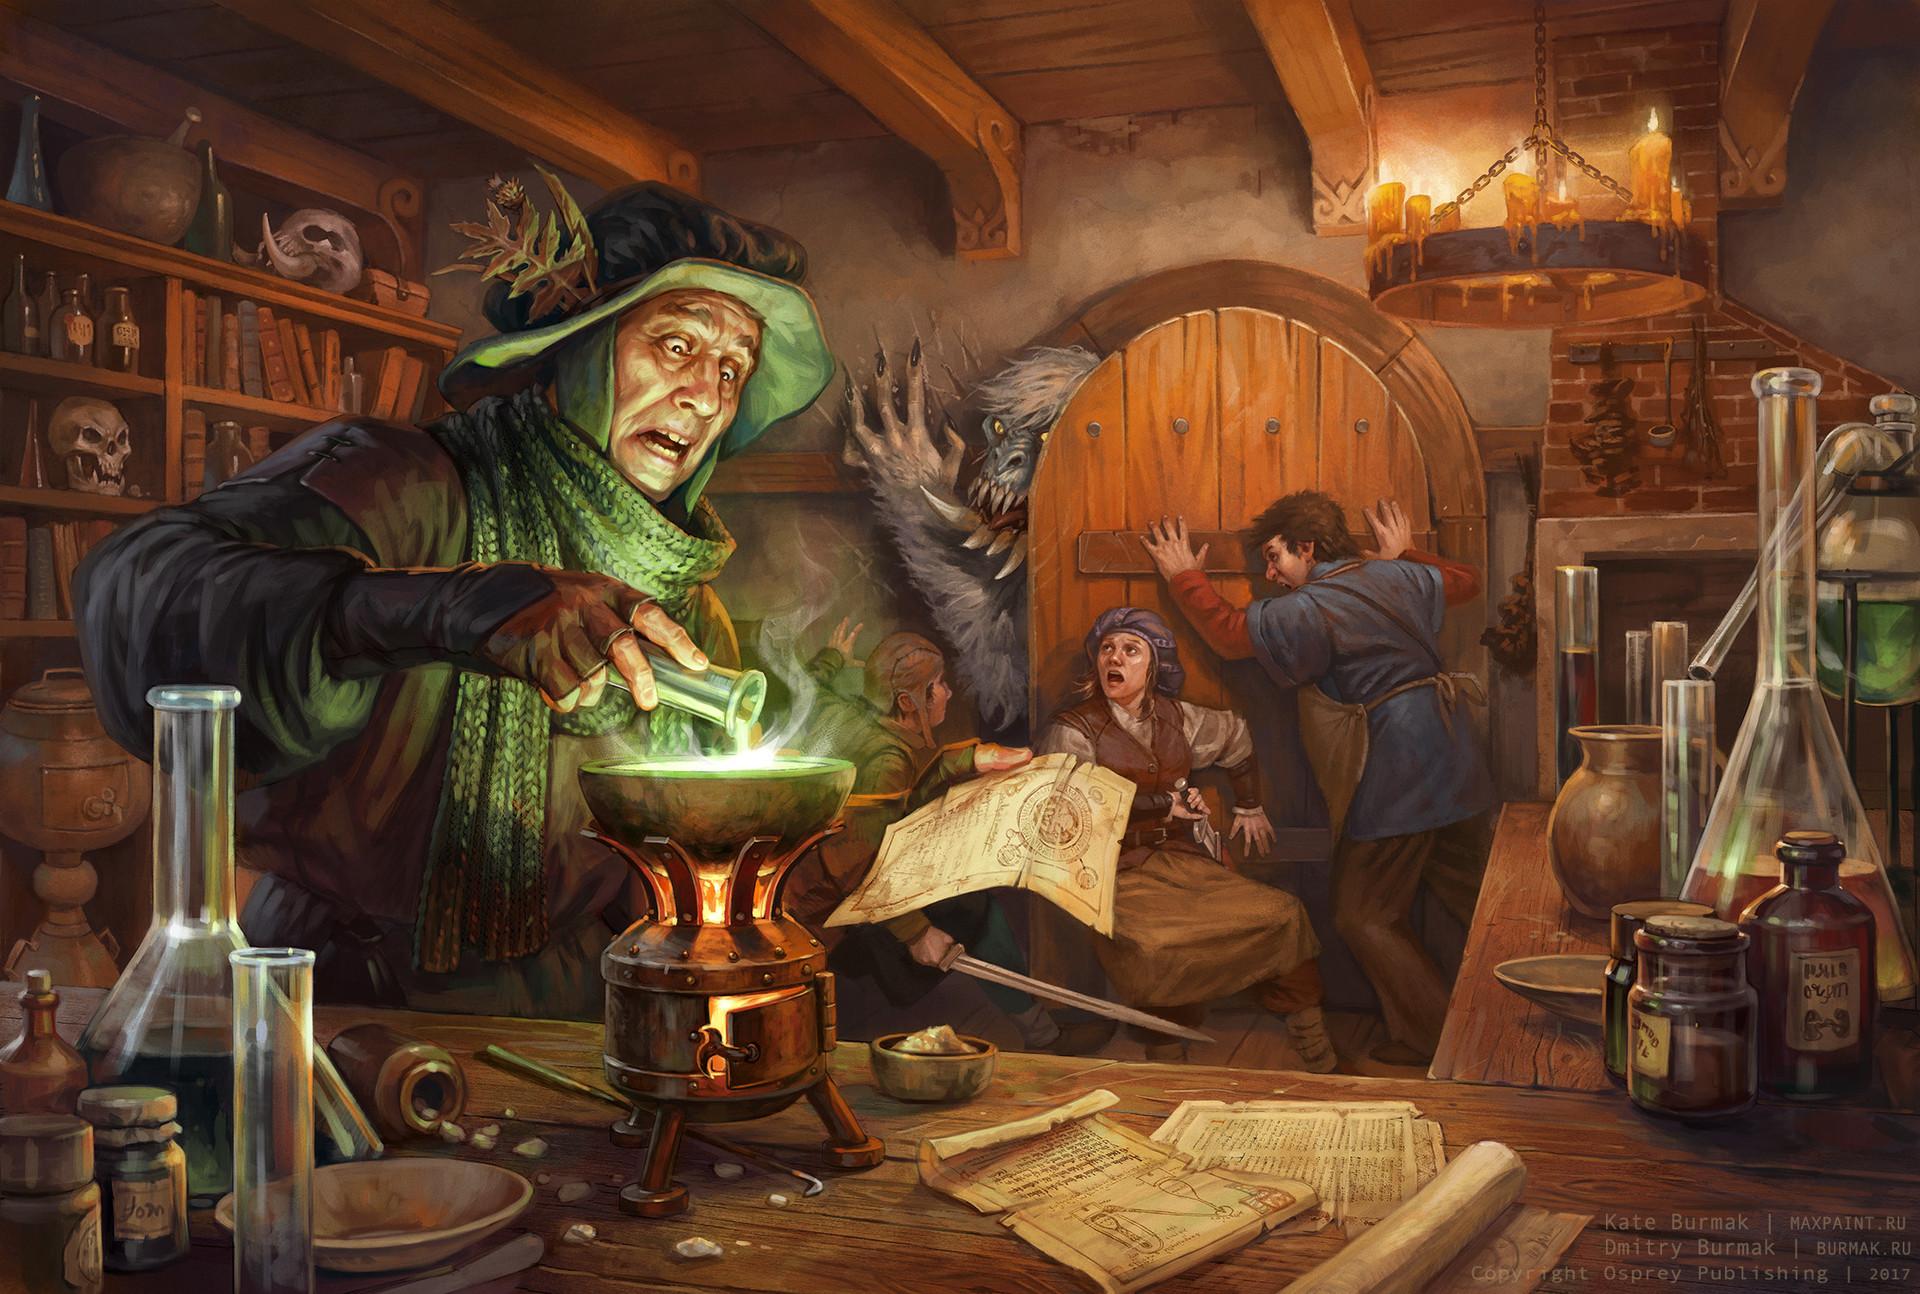 ekaterina-burmak-folio-alchemist.jpg?150